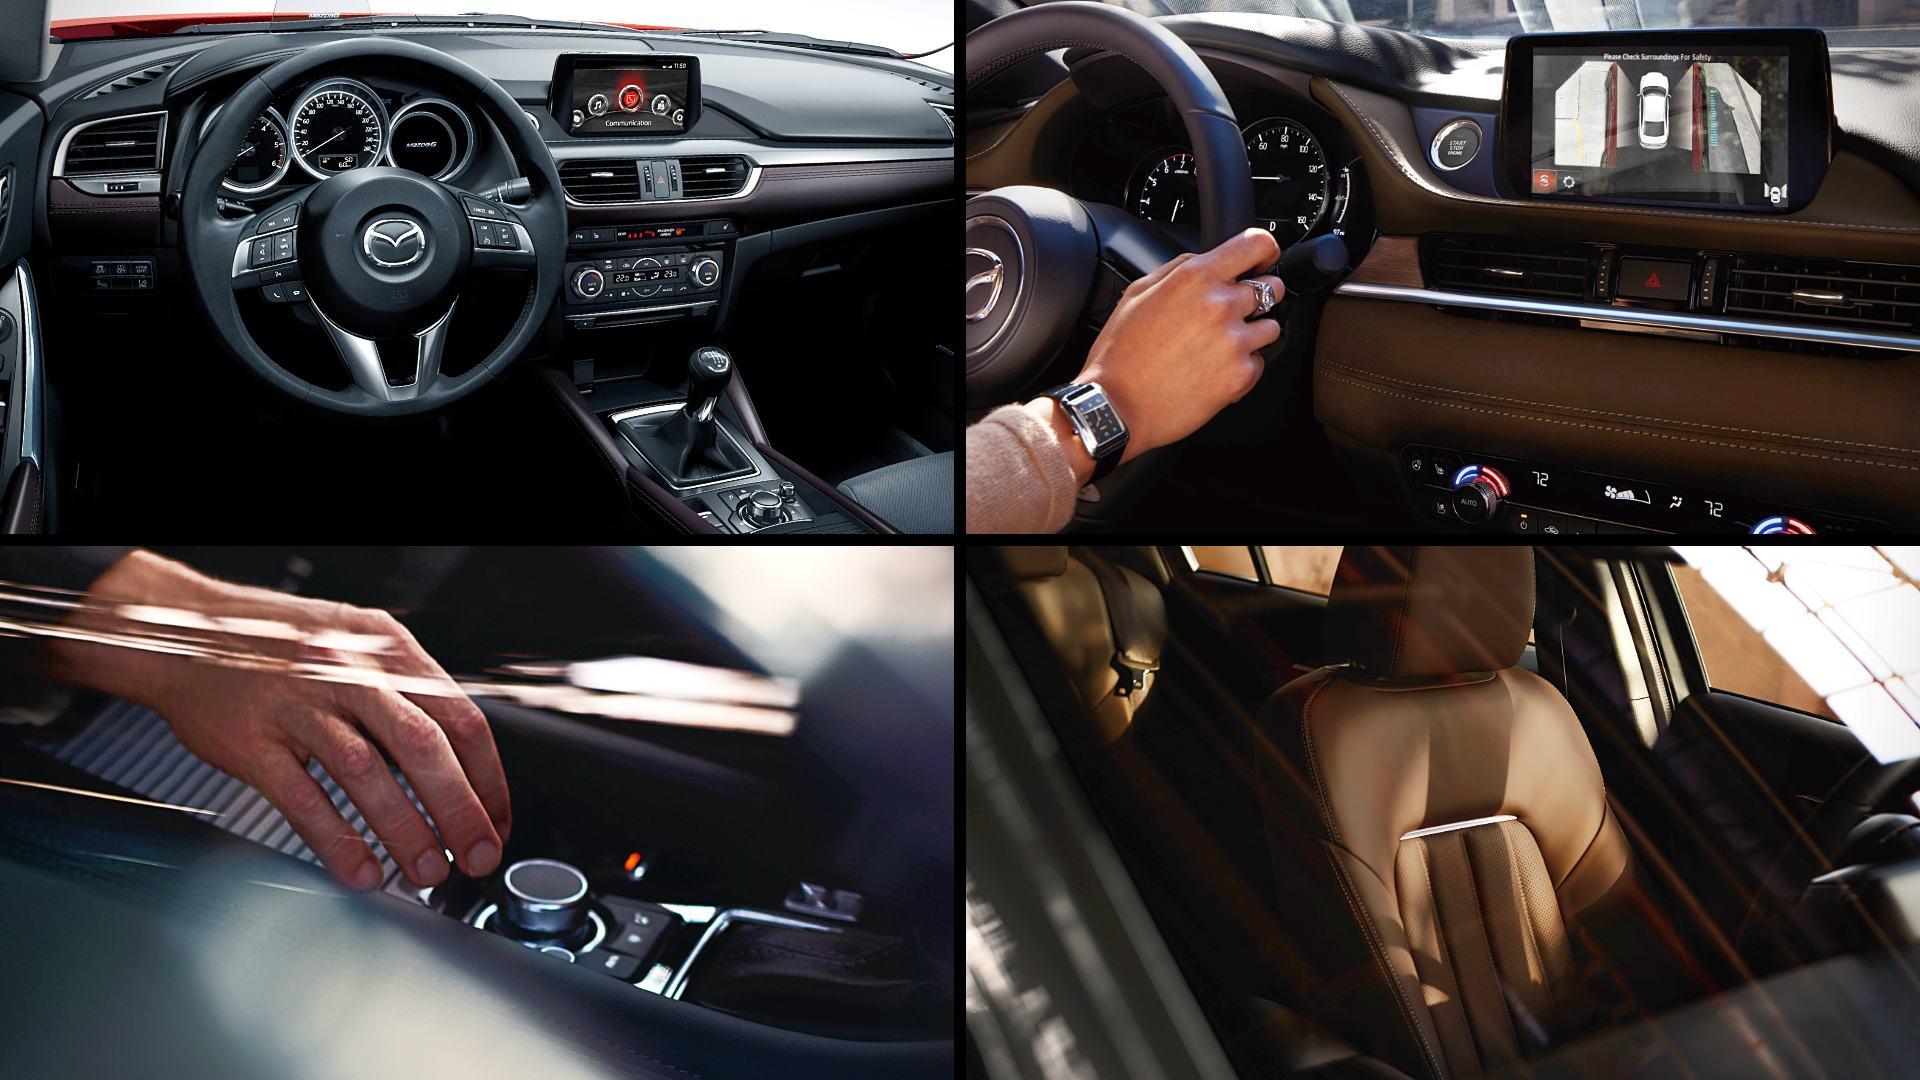 2020 Mazda 6 Hatchback Interior Images